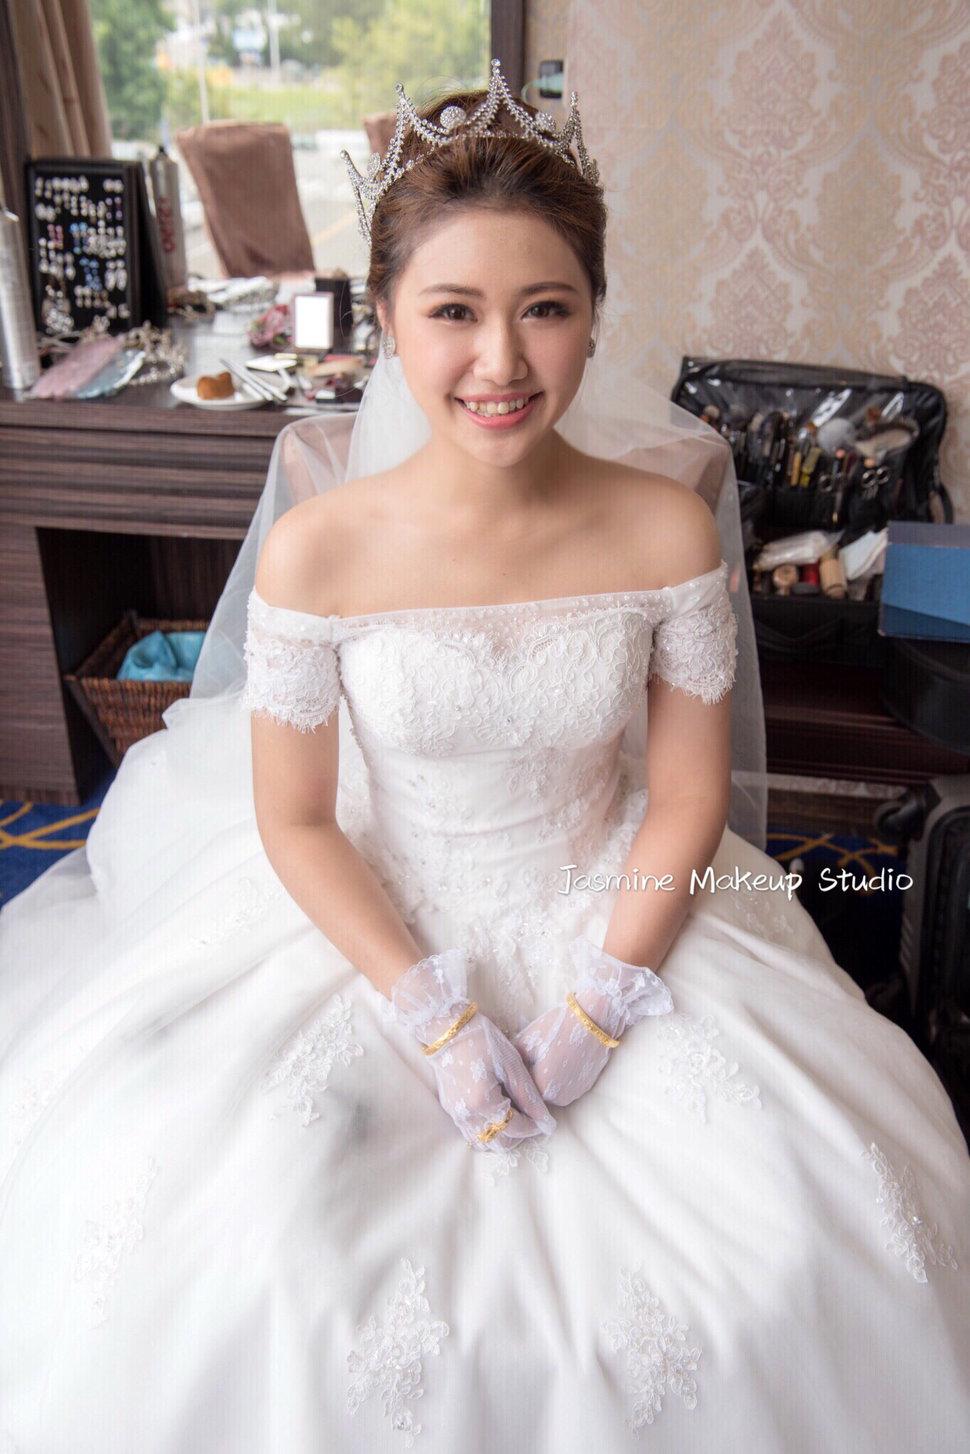 ED05B08C-5286-43F4-A9CD-20F4C95E3A54 - Jasmine Makeup新娘秘書《結婚吧》